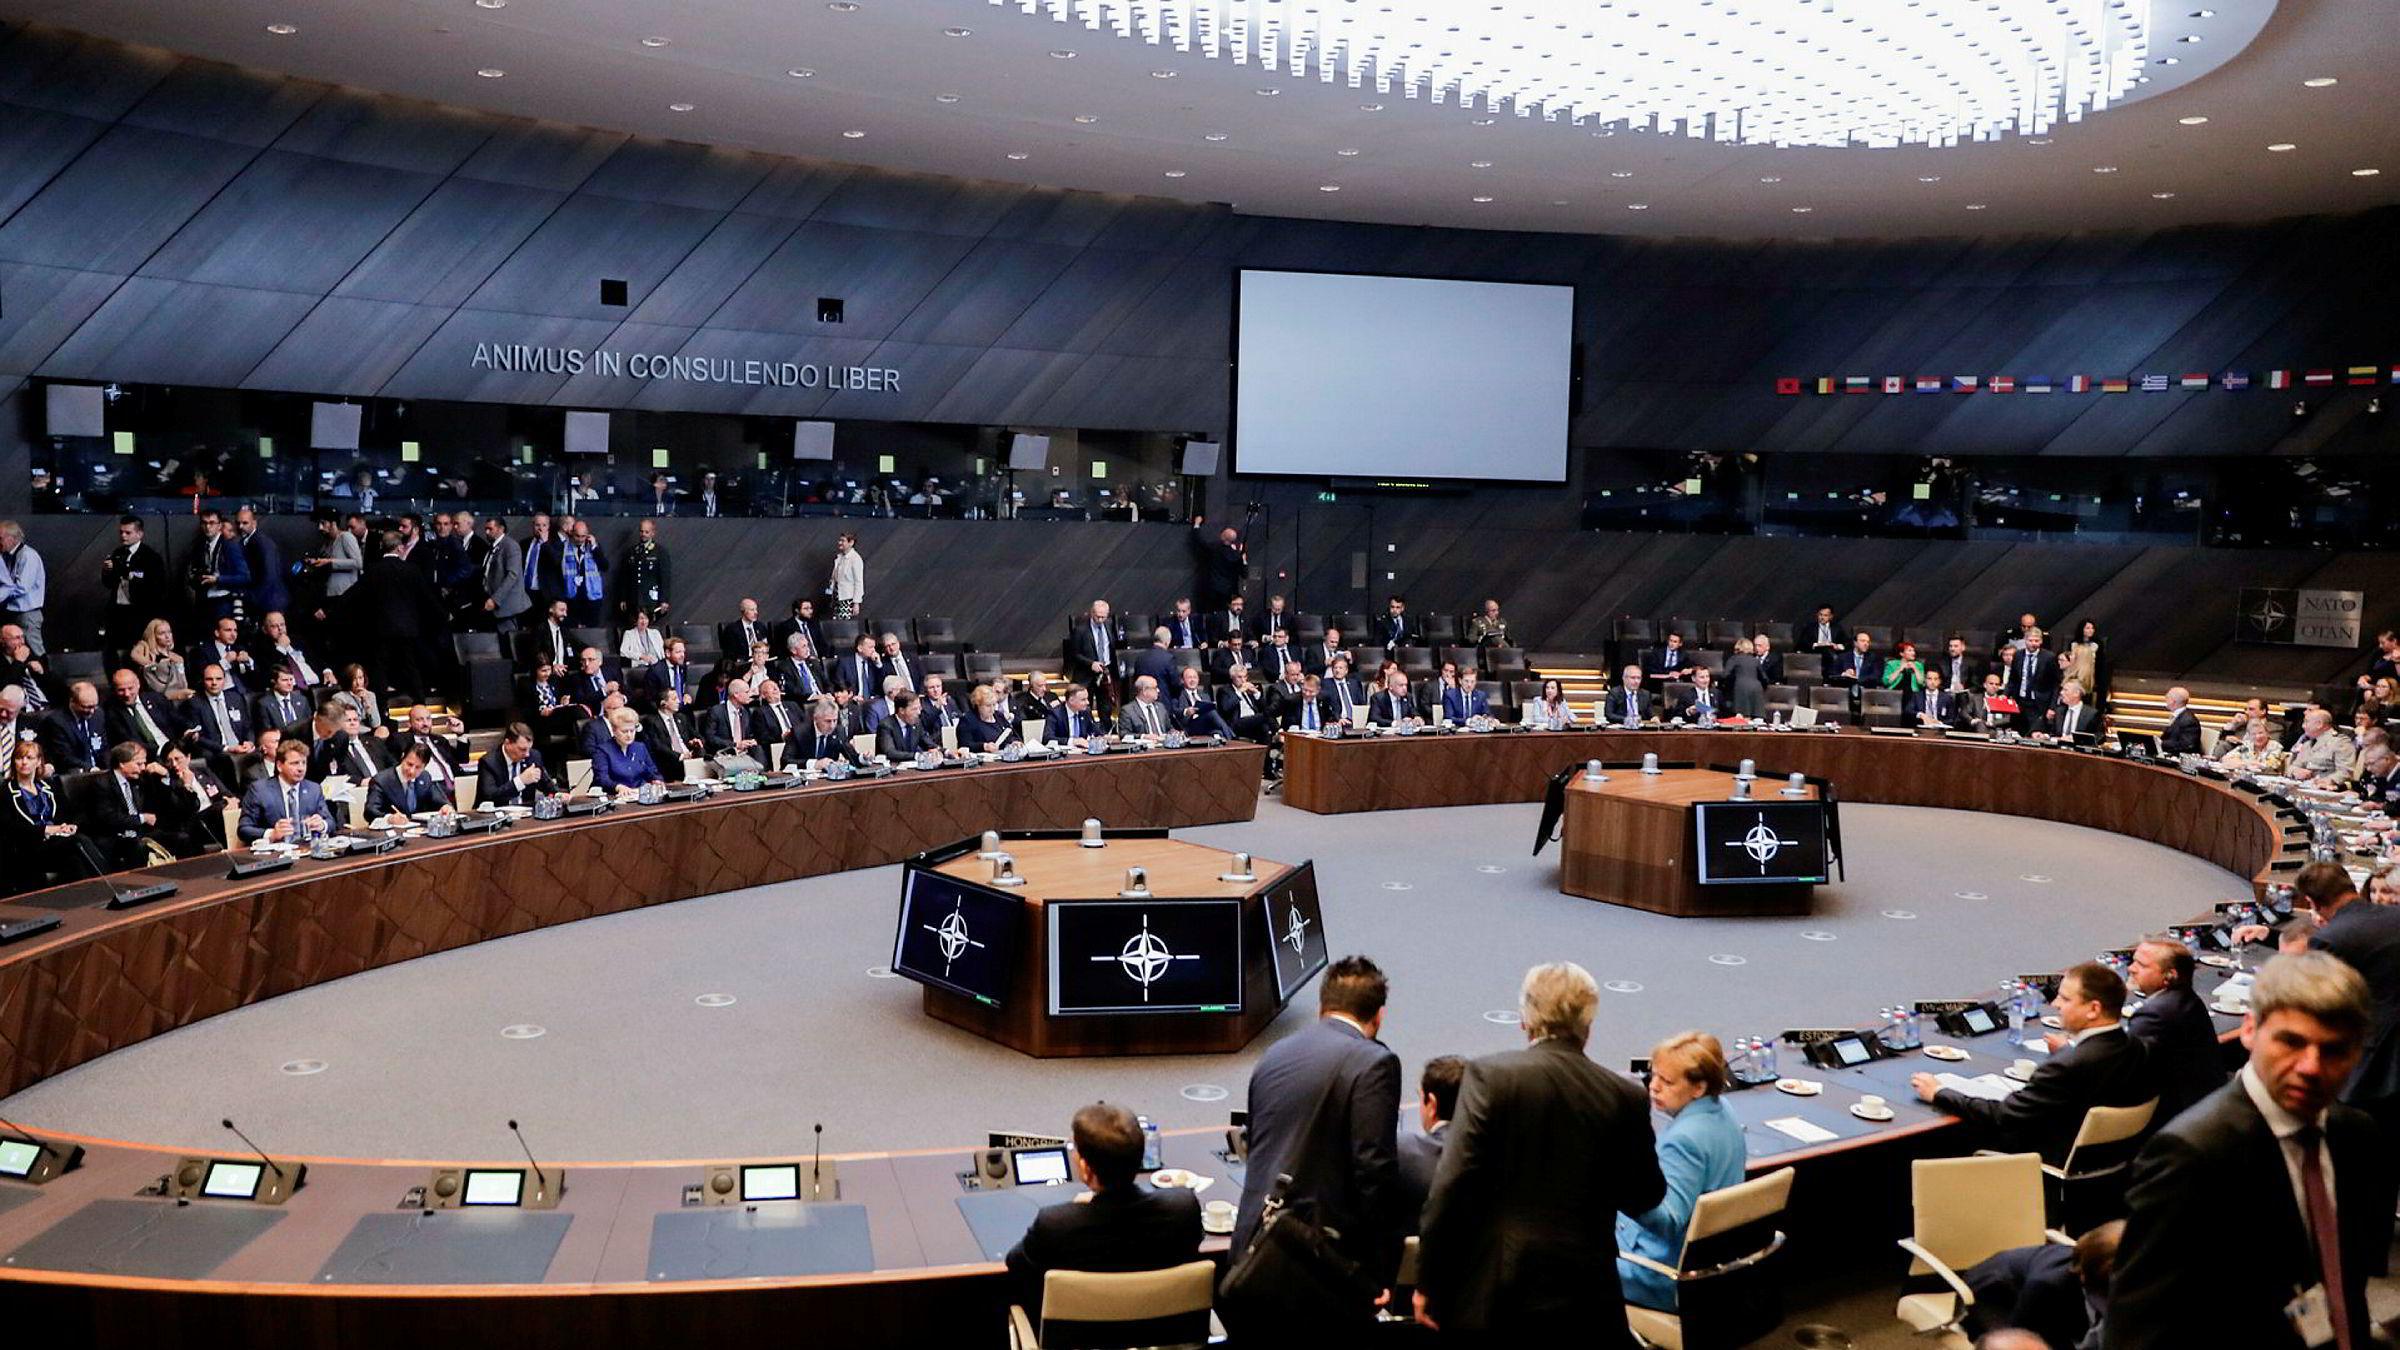 Gullstandarden i Nato er troverdighet. Alliansens avskrekkende effekt avhenger av tillit til at allierte vil stå samlet og forsvarer hverandre, skriver artikkelforfatteren. Her fra NATO sitt hovedkvarter i Brussel, Belgia.